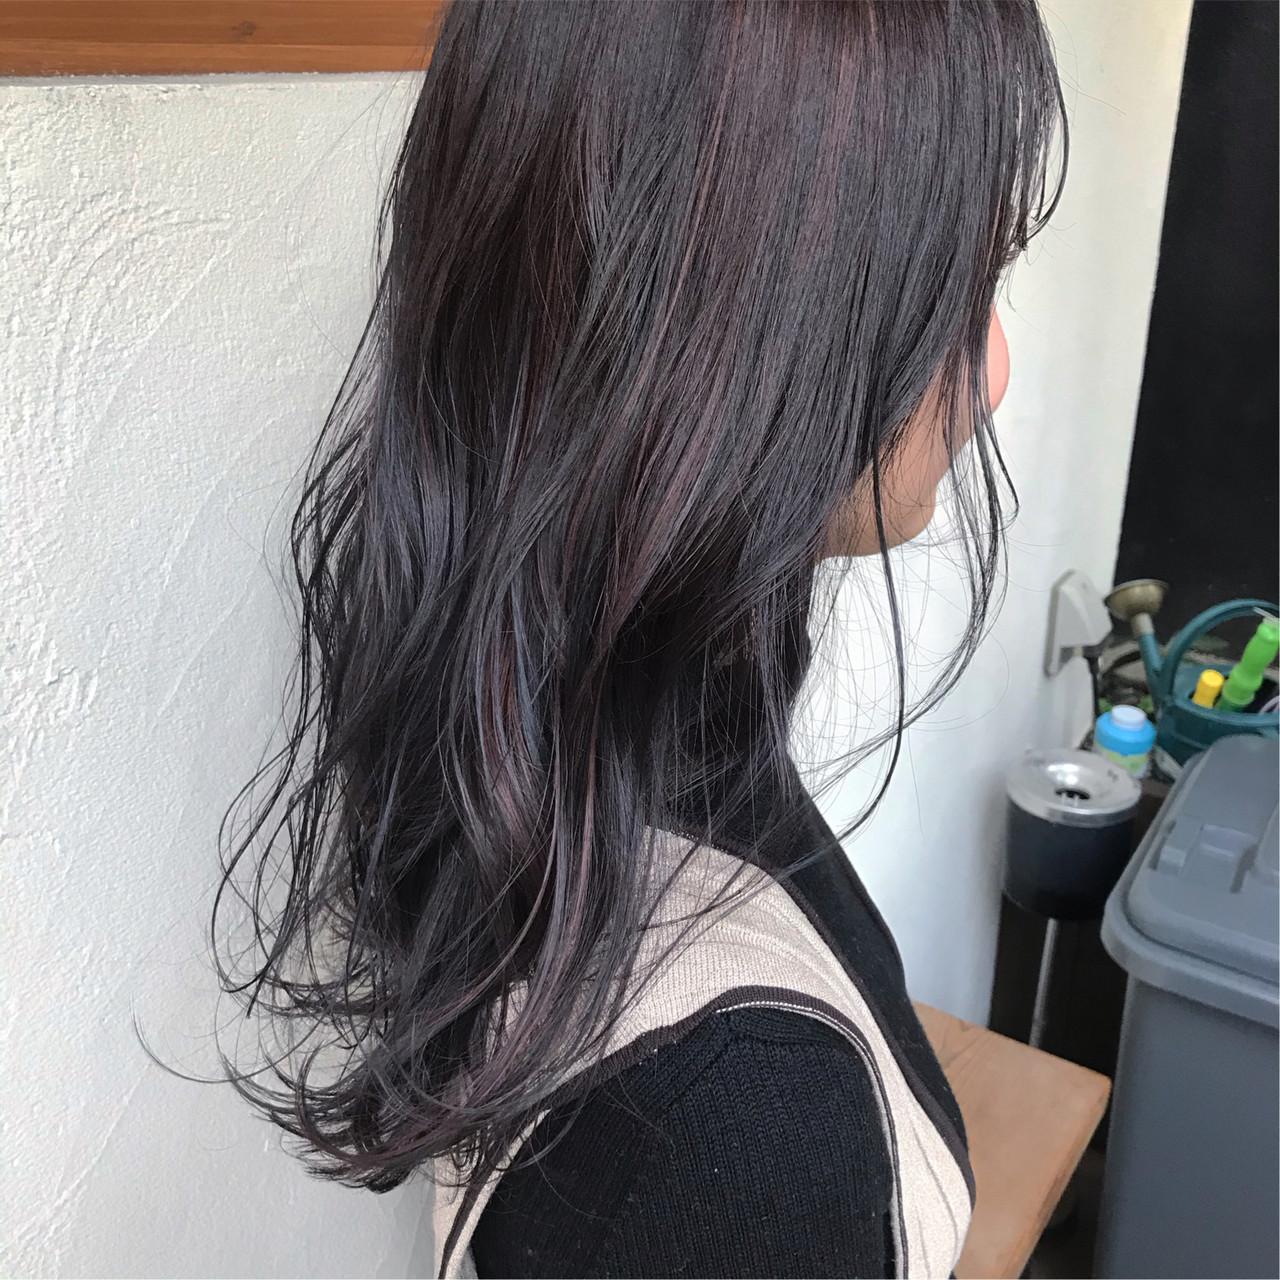 ナチュラル パープルカラー トワイライトパープル ピンクパープル ヘアスタイルや髪型の写真・画像